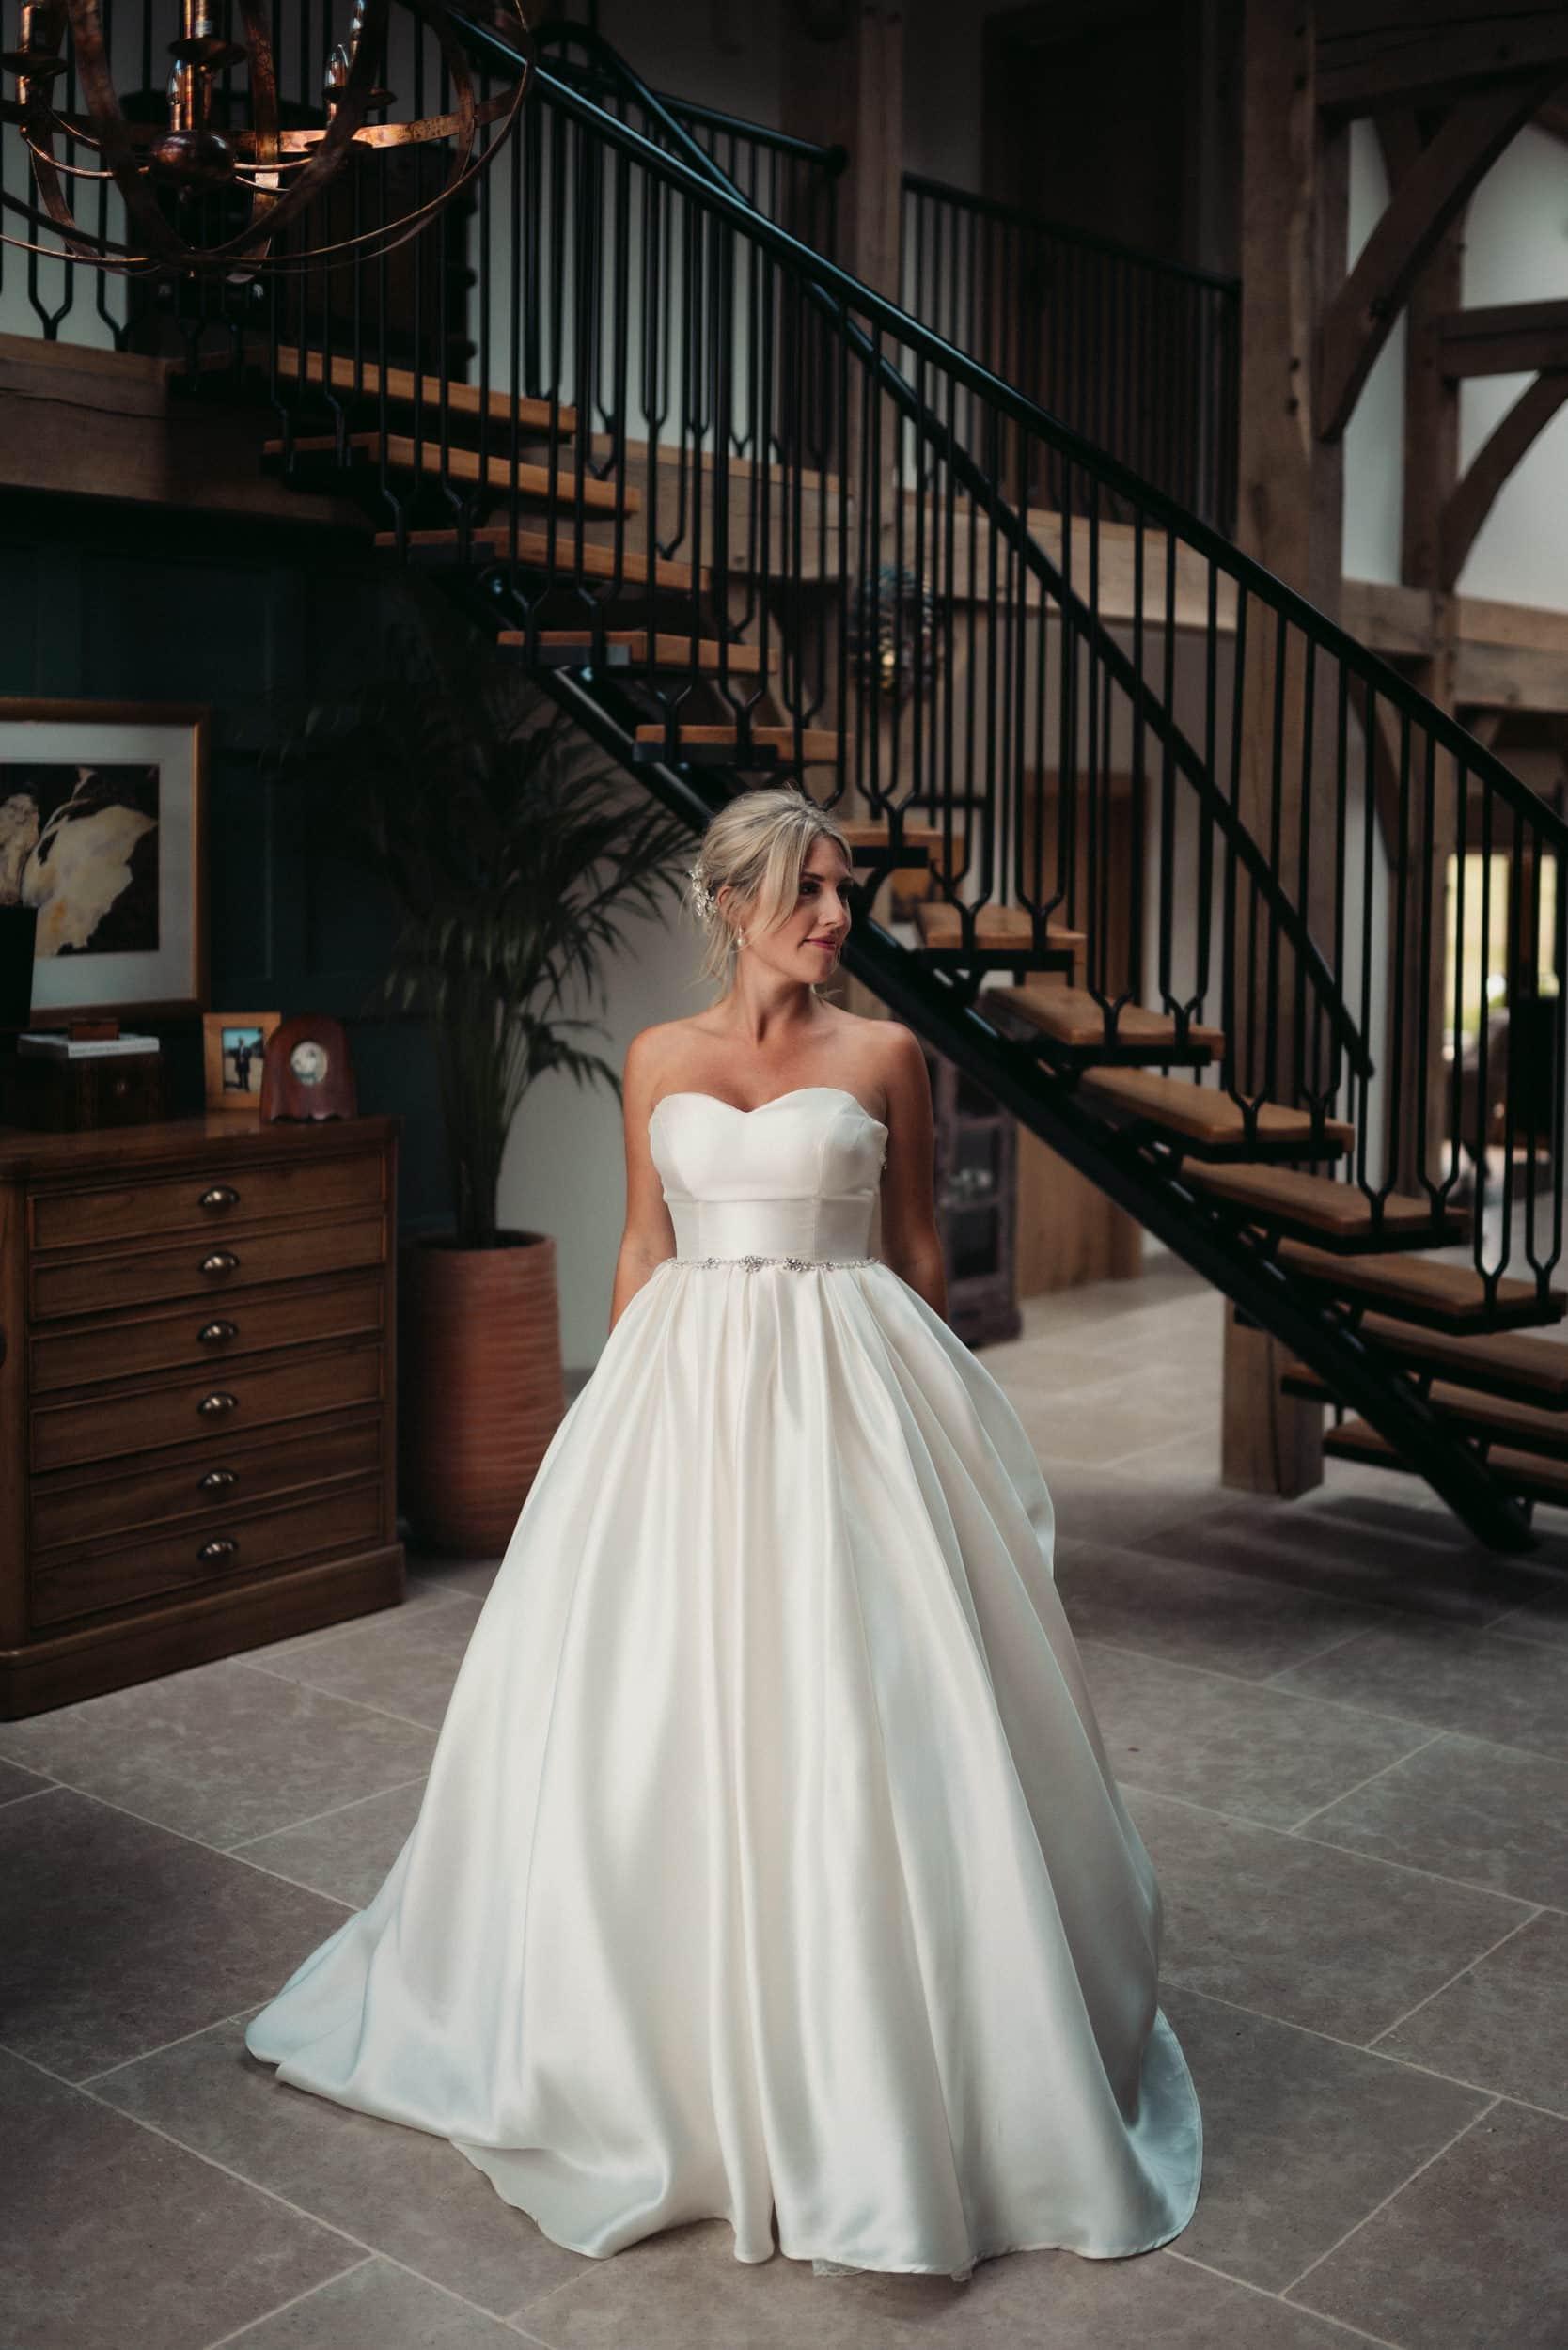 pregnant bride stood in atrium